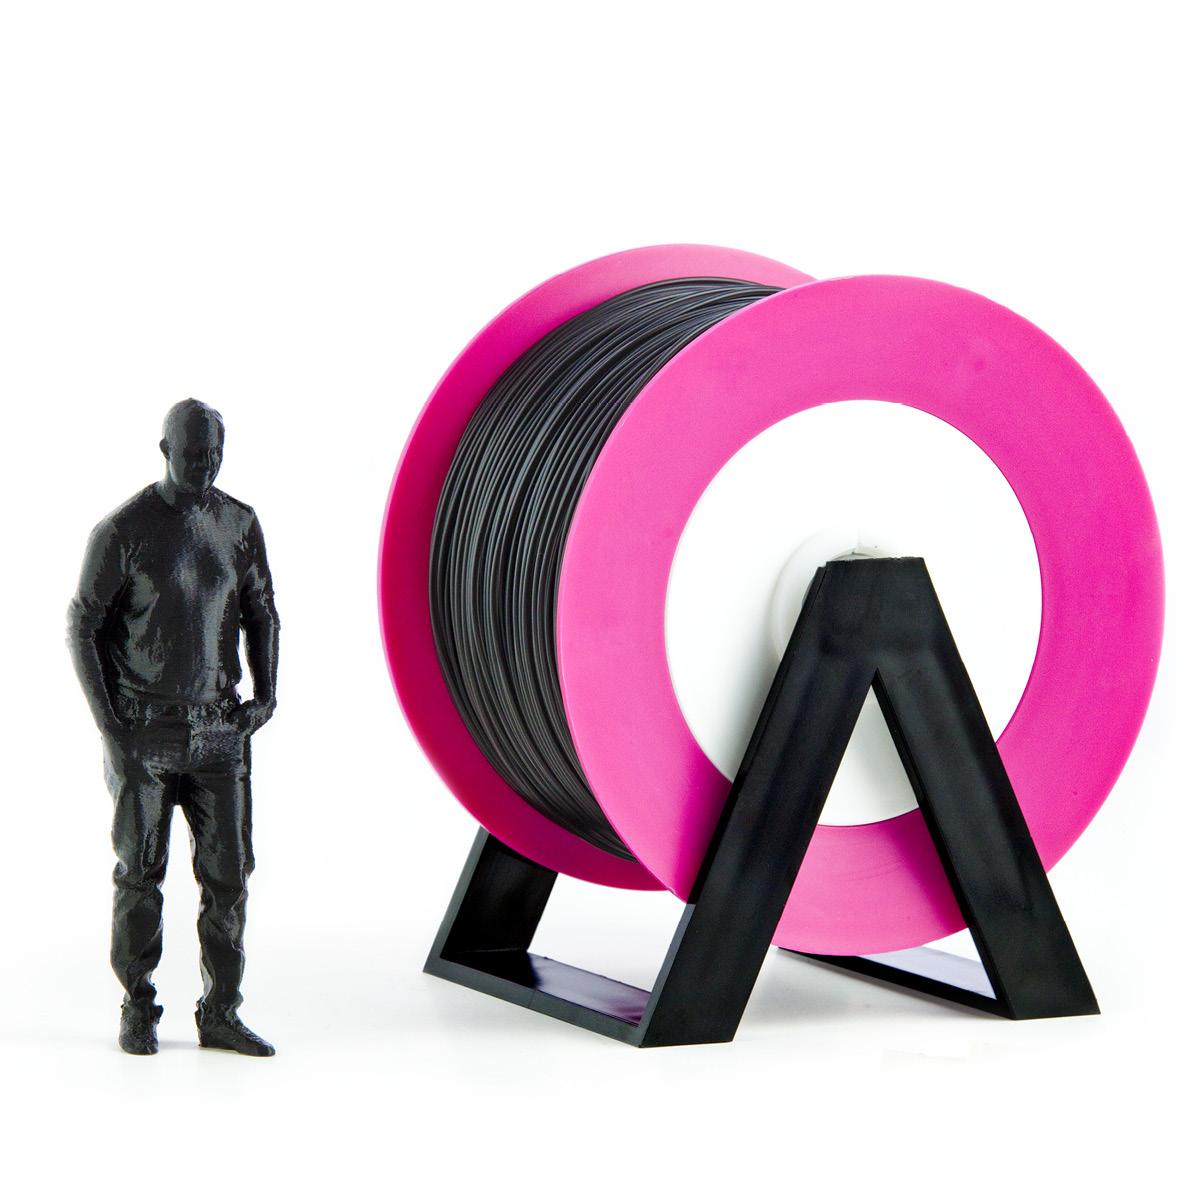 Pla Filament 3D Filament Color Black For 3D Printers